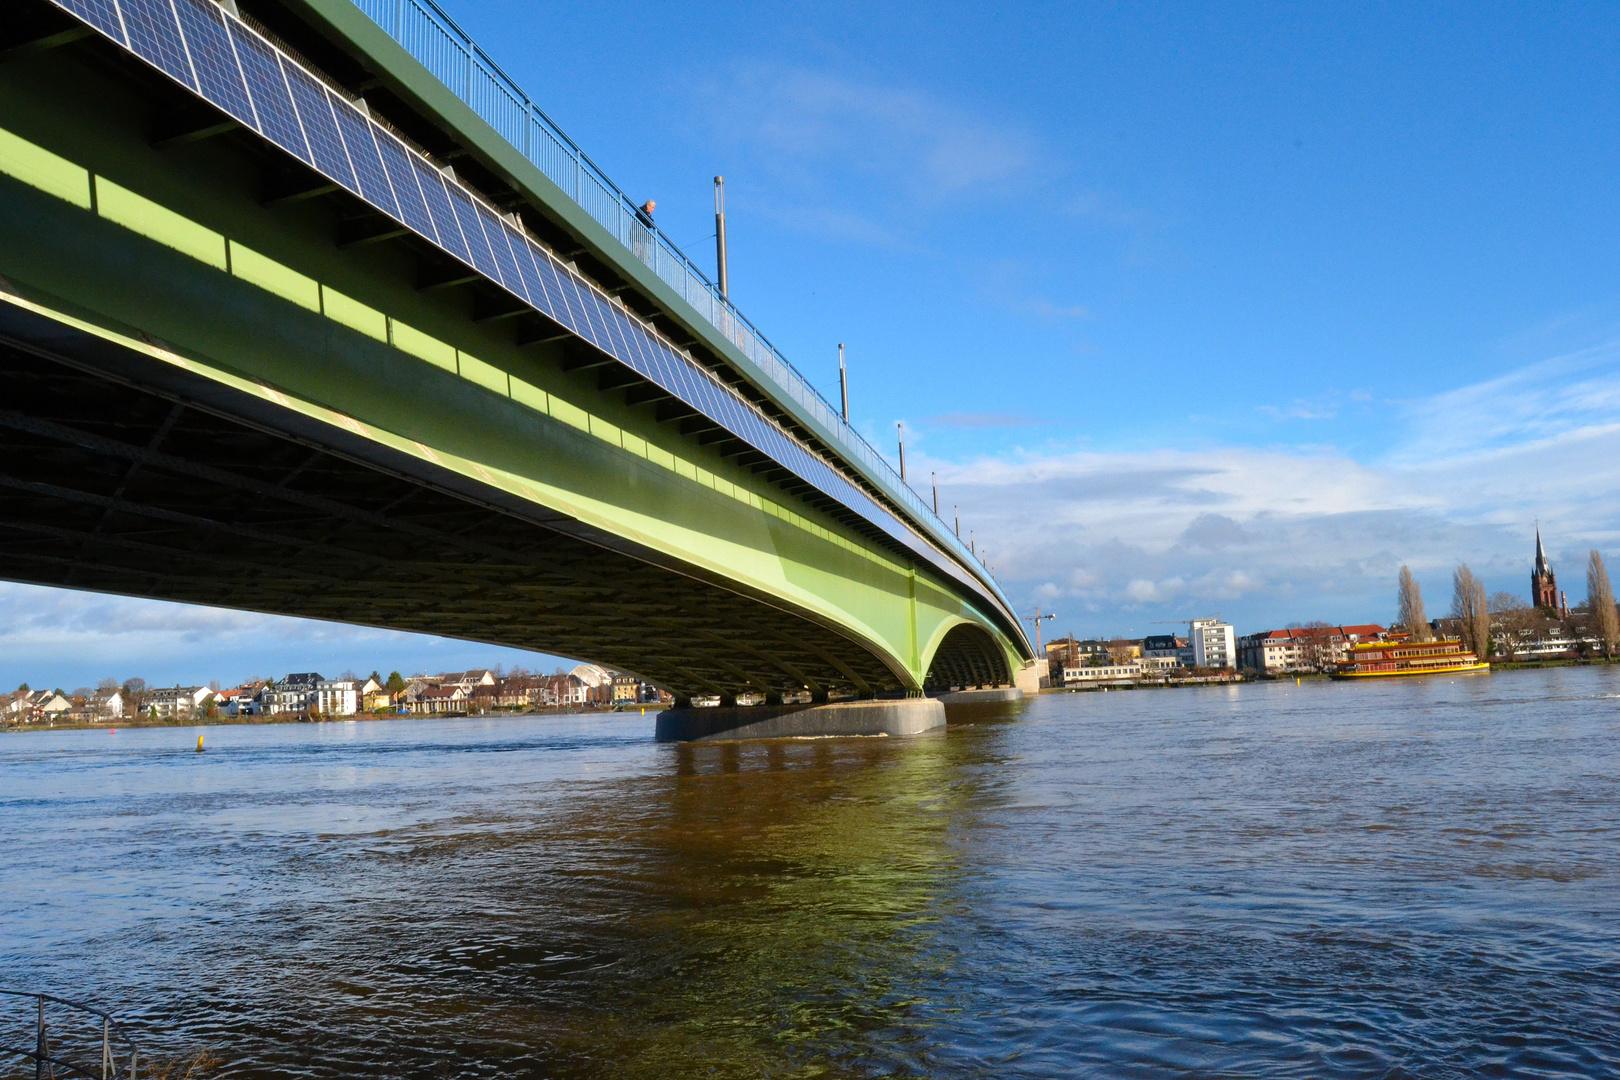 Kennedybrücke in Bonn